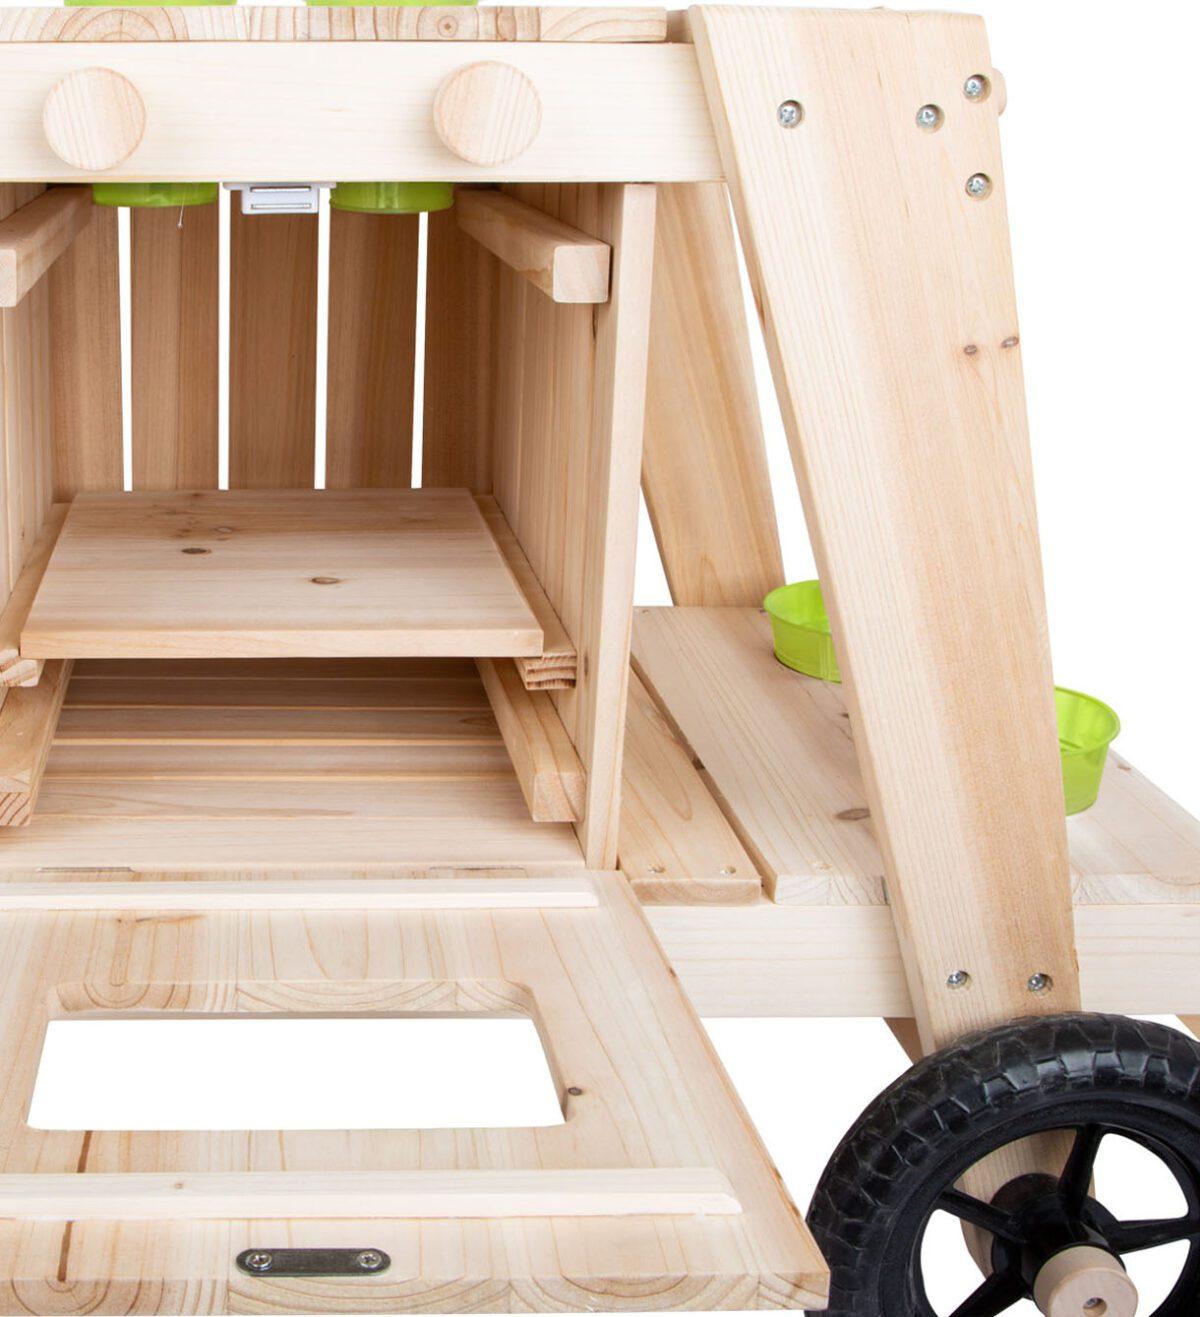 multifunctionele-buitenkeuken-voor-kinderen